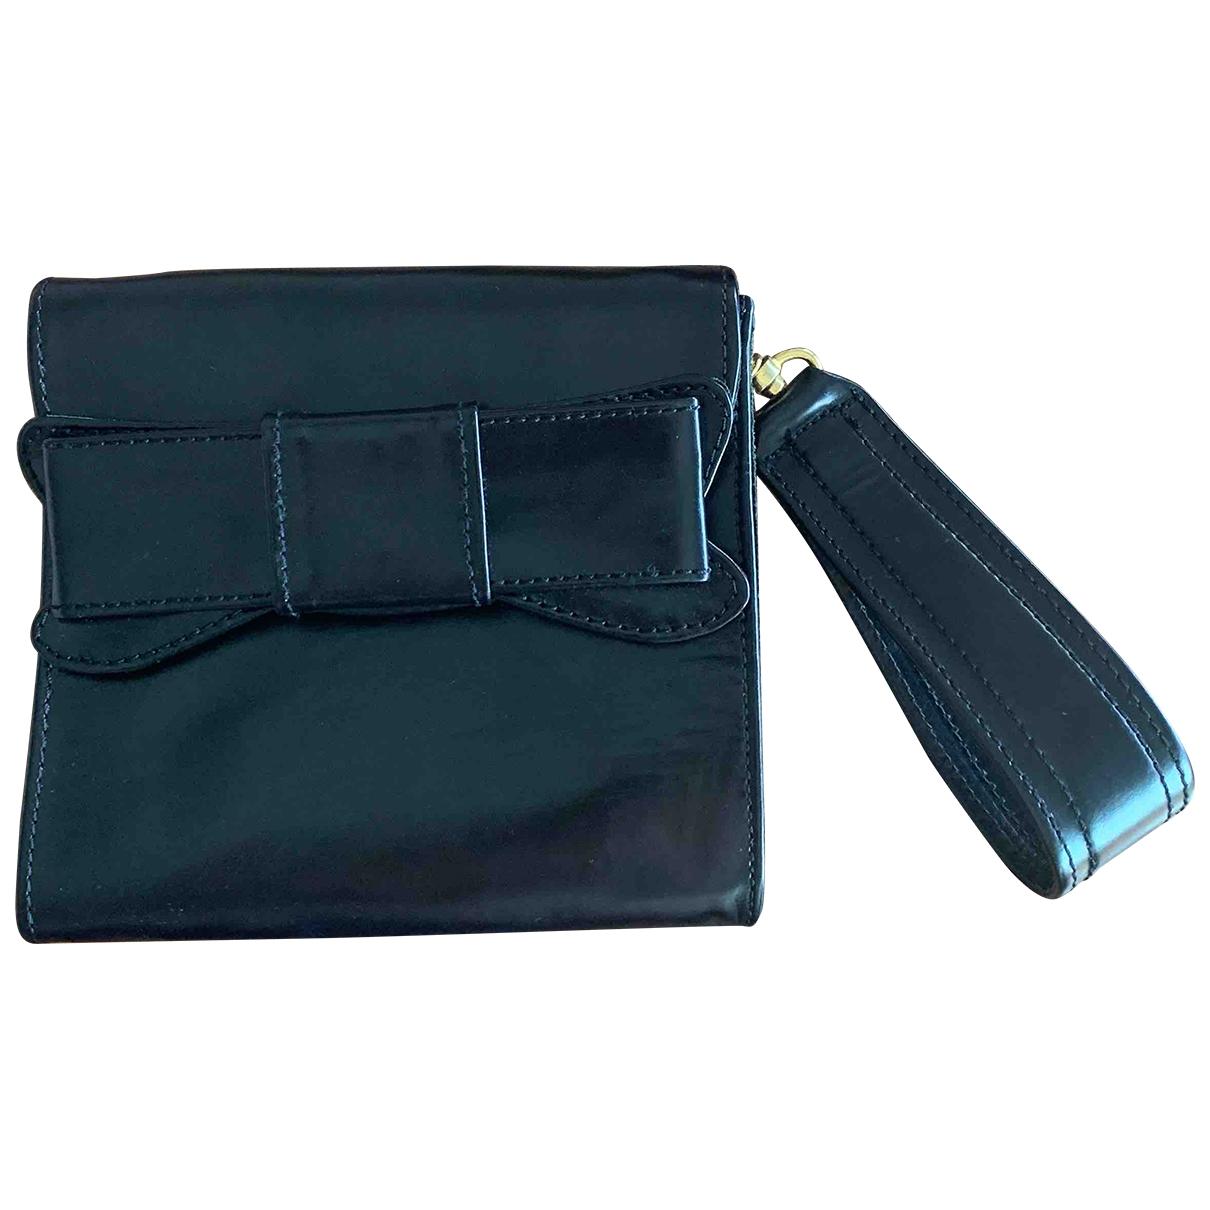 Miriam Ocariz \N Handtasche in  Schwarz Leder